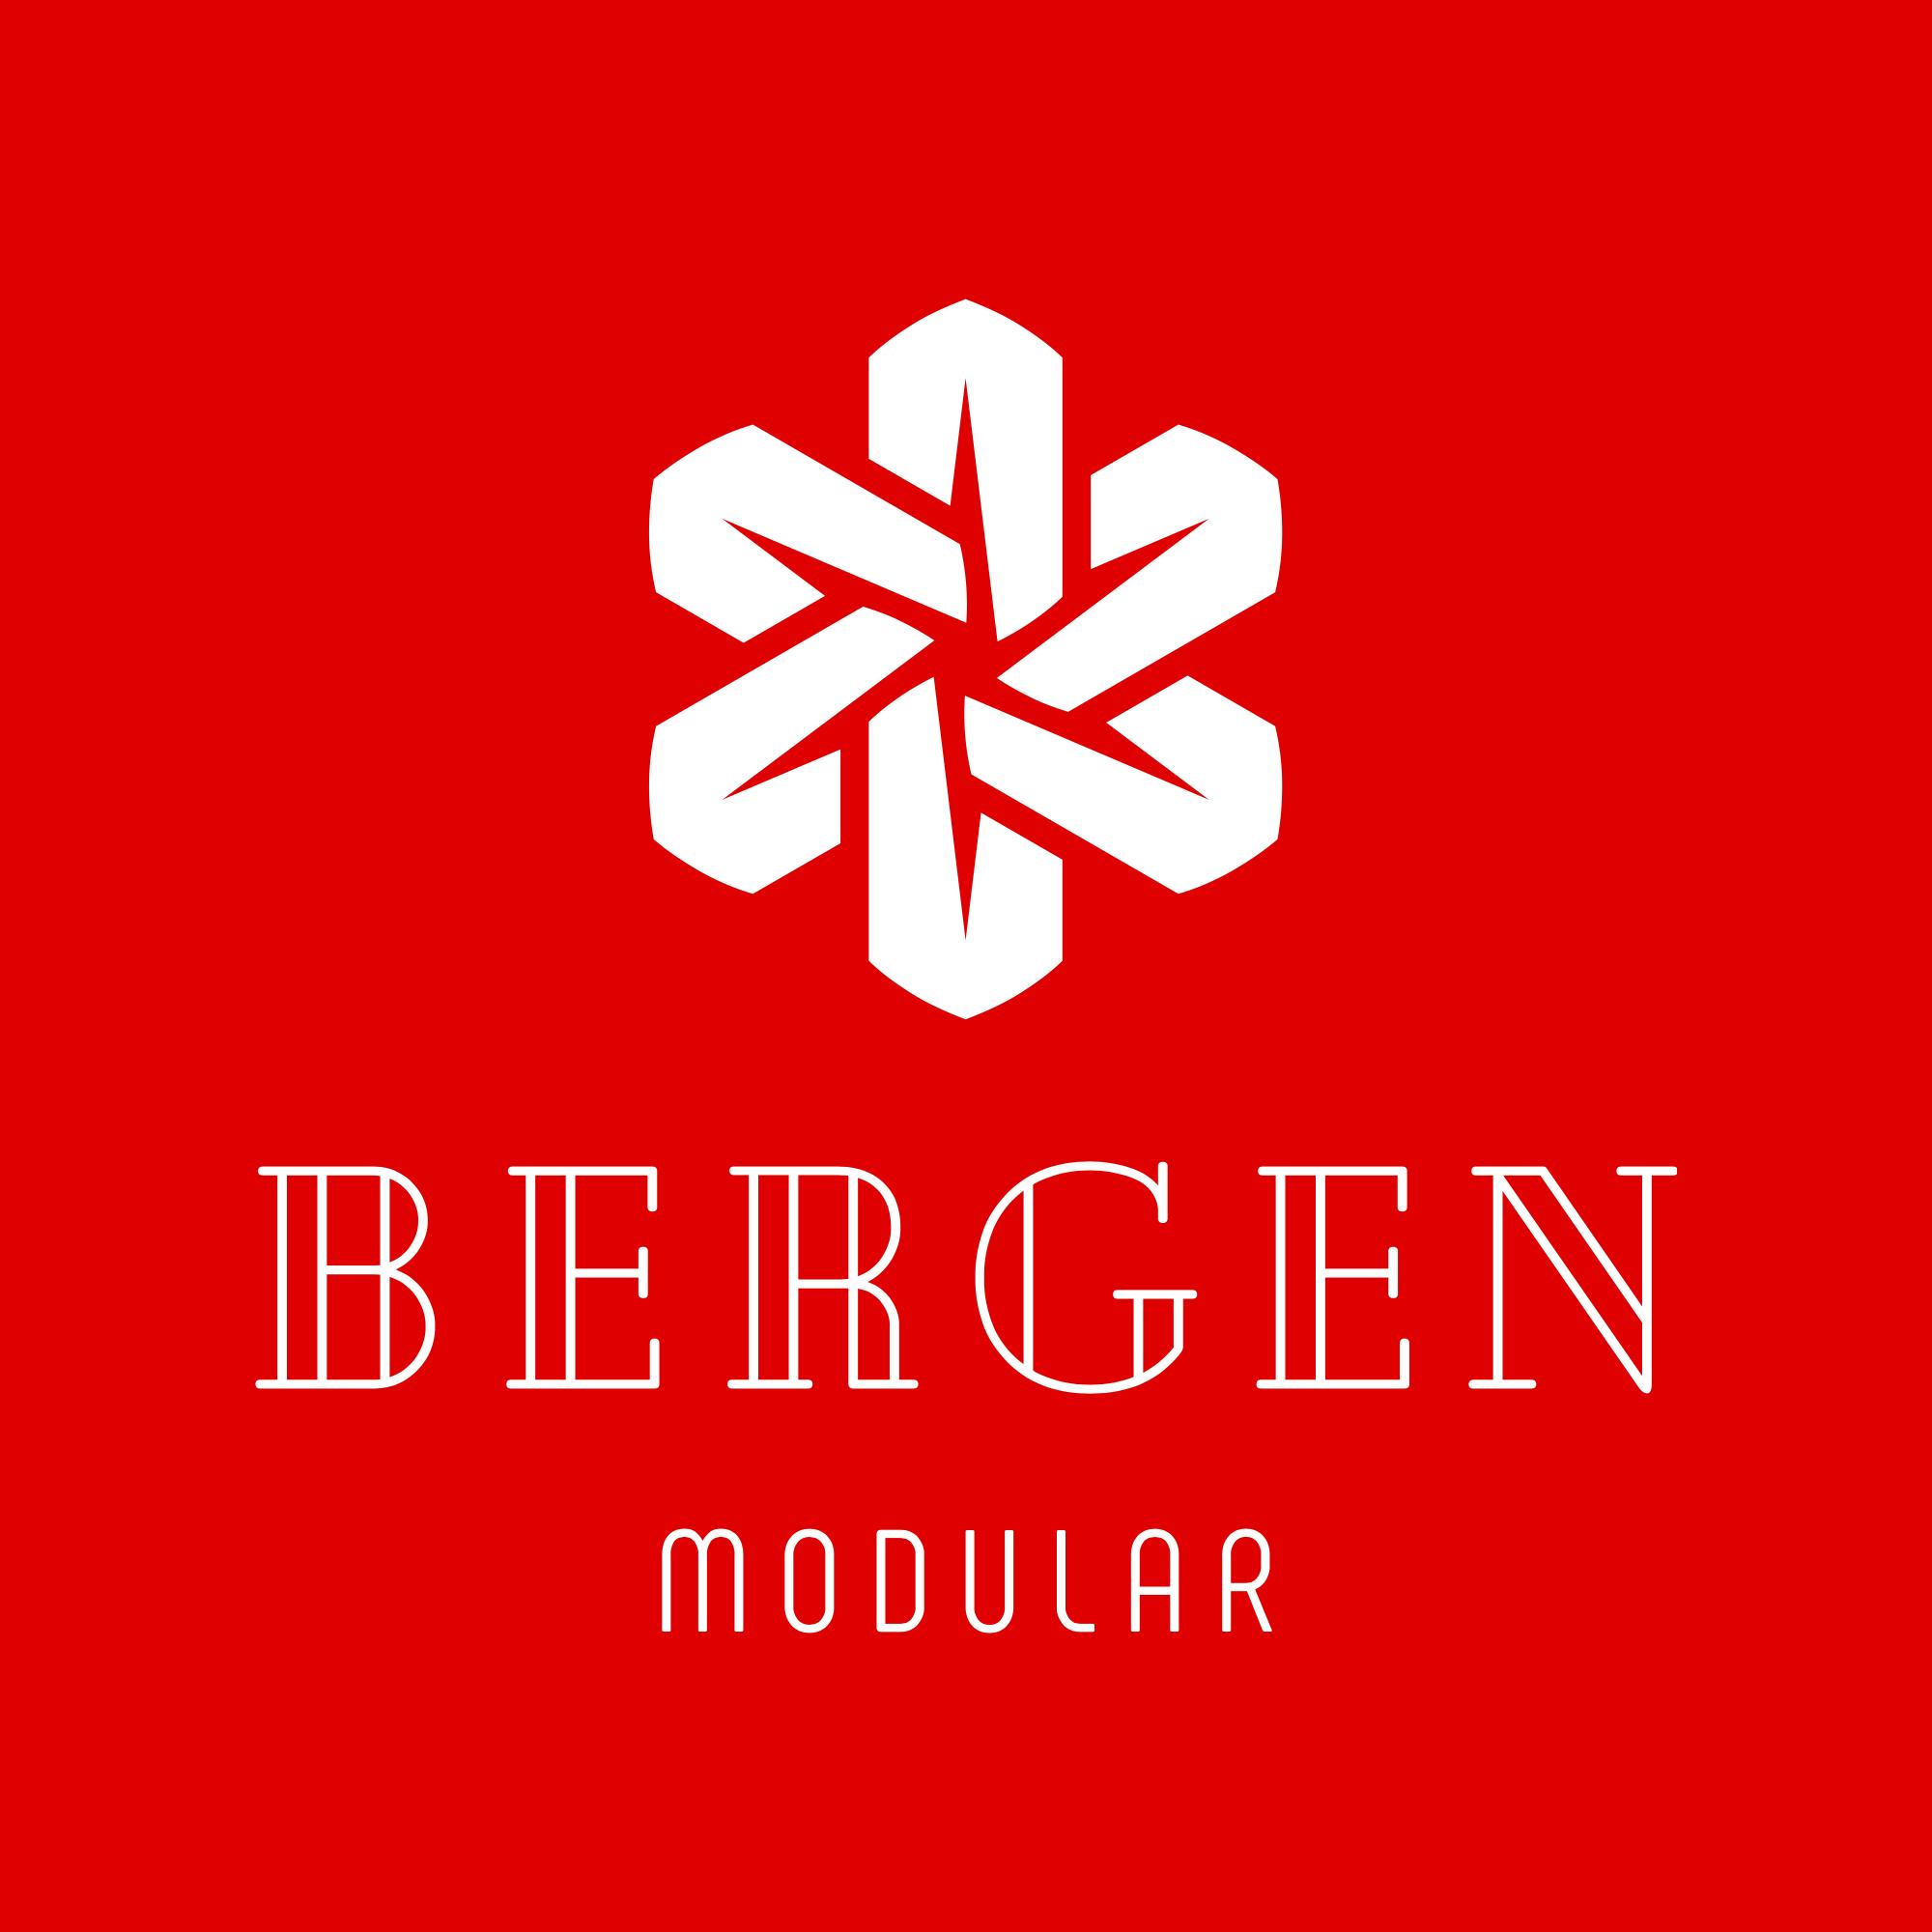 Bergen Modular